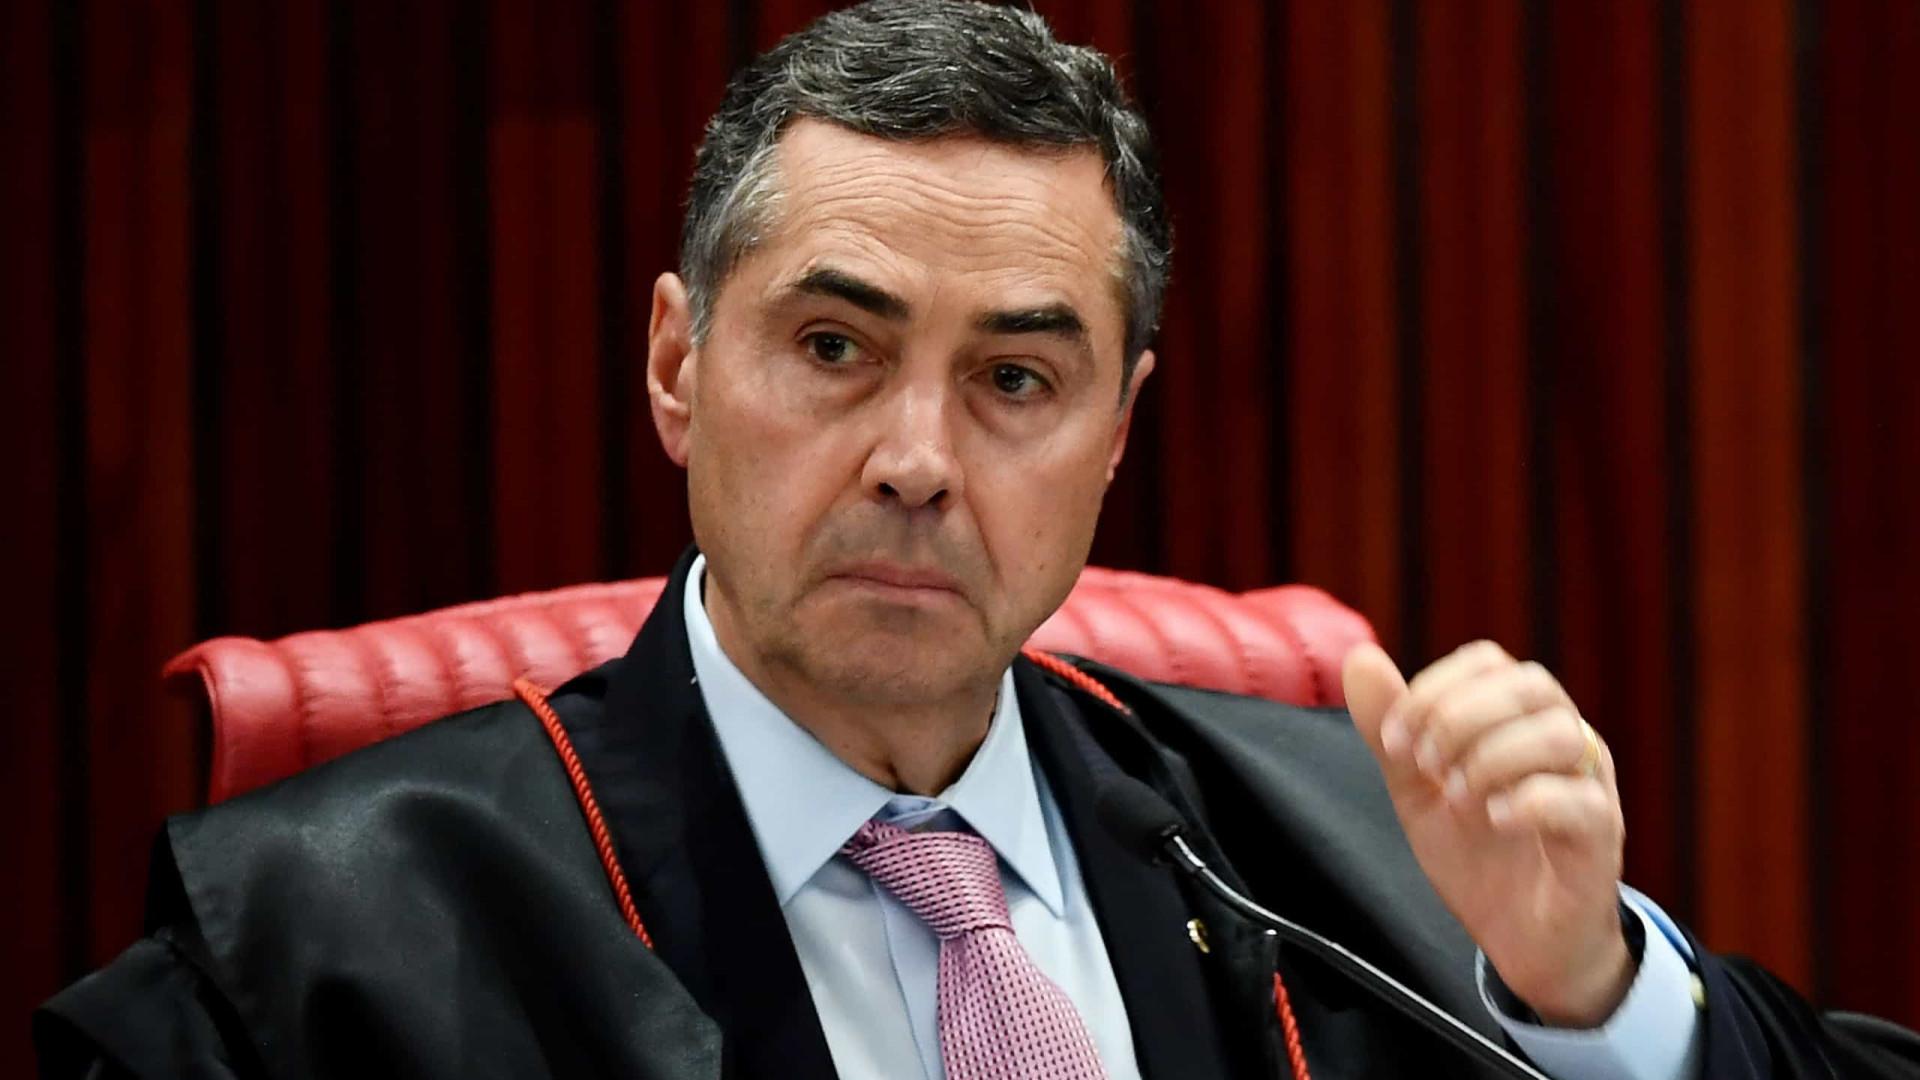 Voto impresso: Barroso diz que Lira e Braga Netto negaram ameaça às eleições